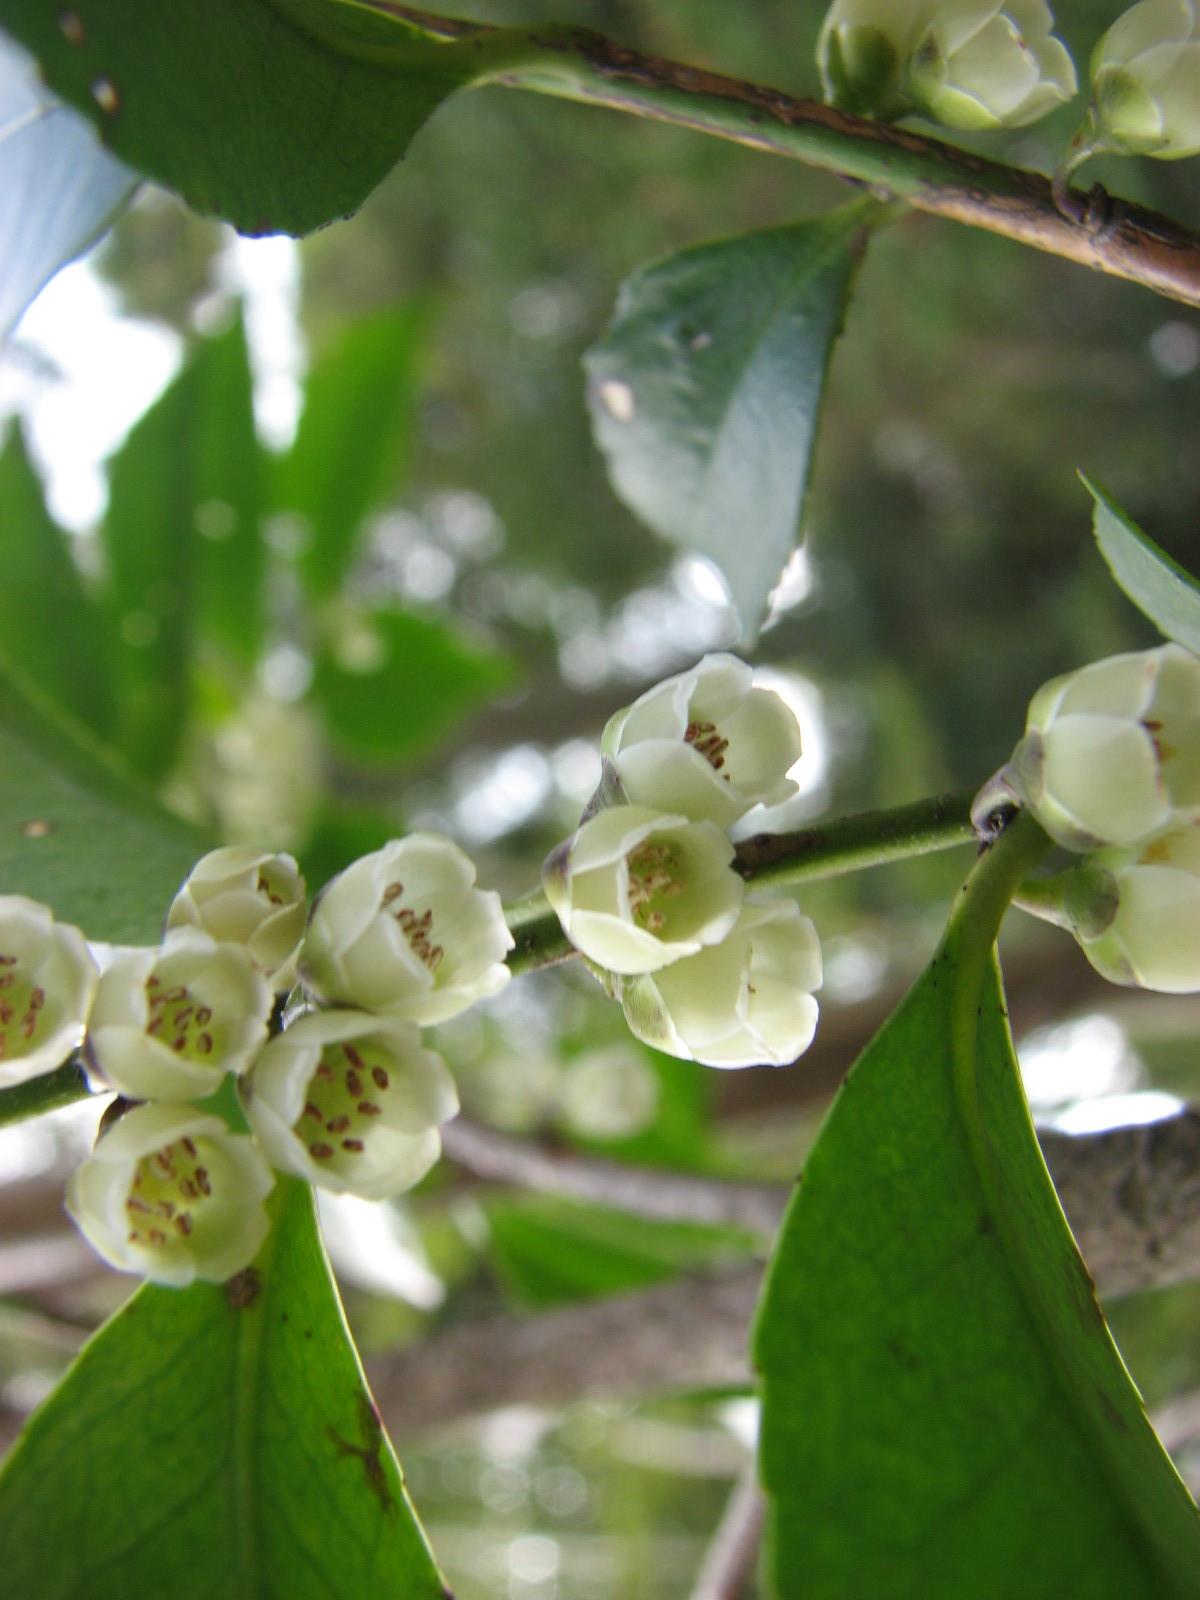 ヒサカキ(ツバキ科) Eurya japonica